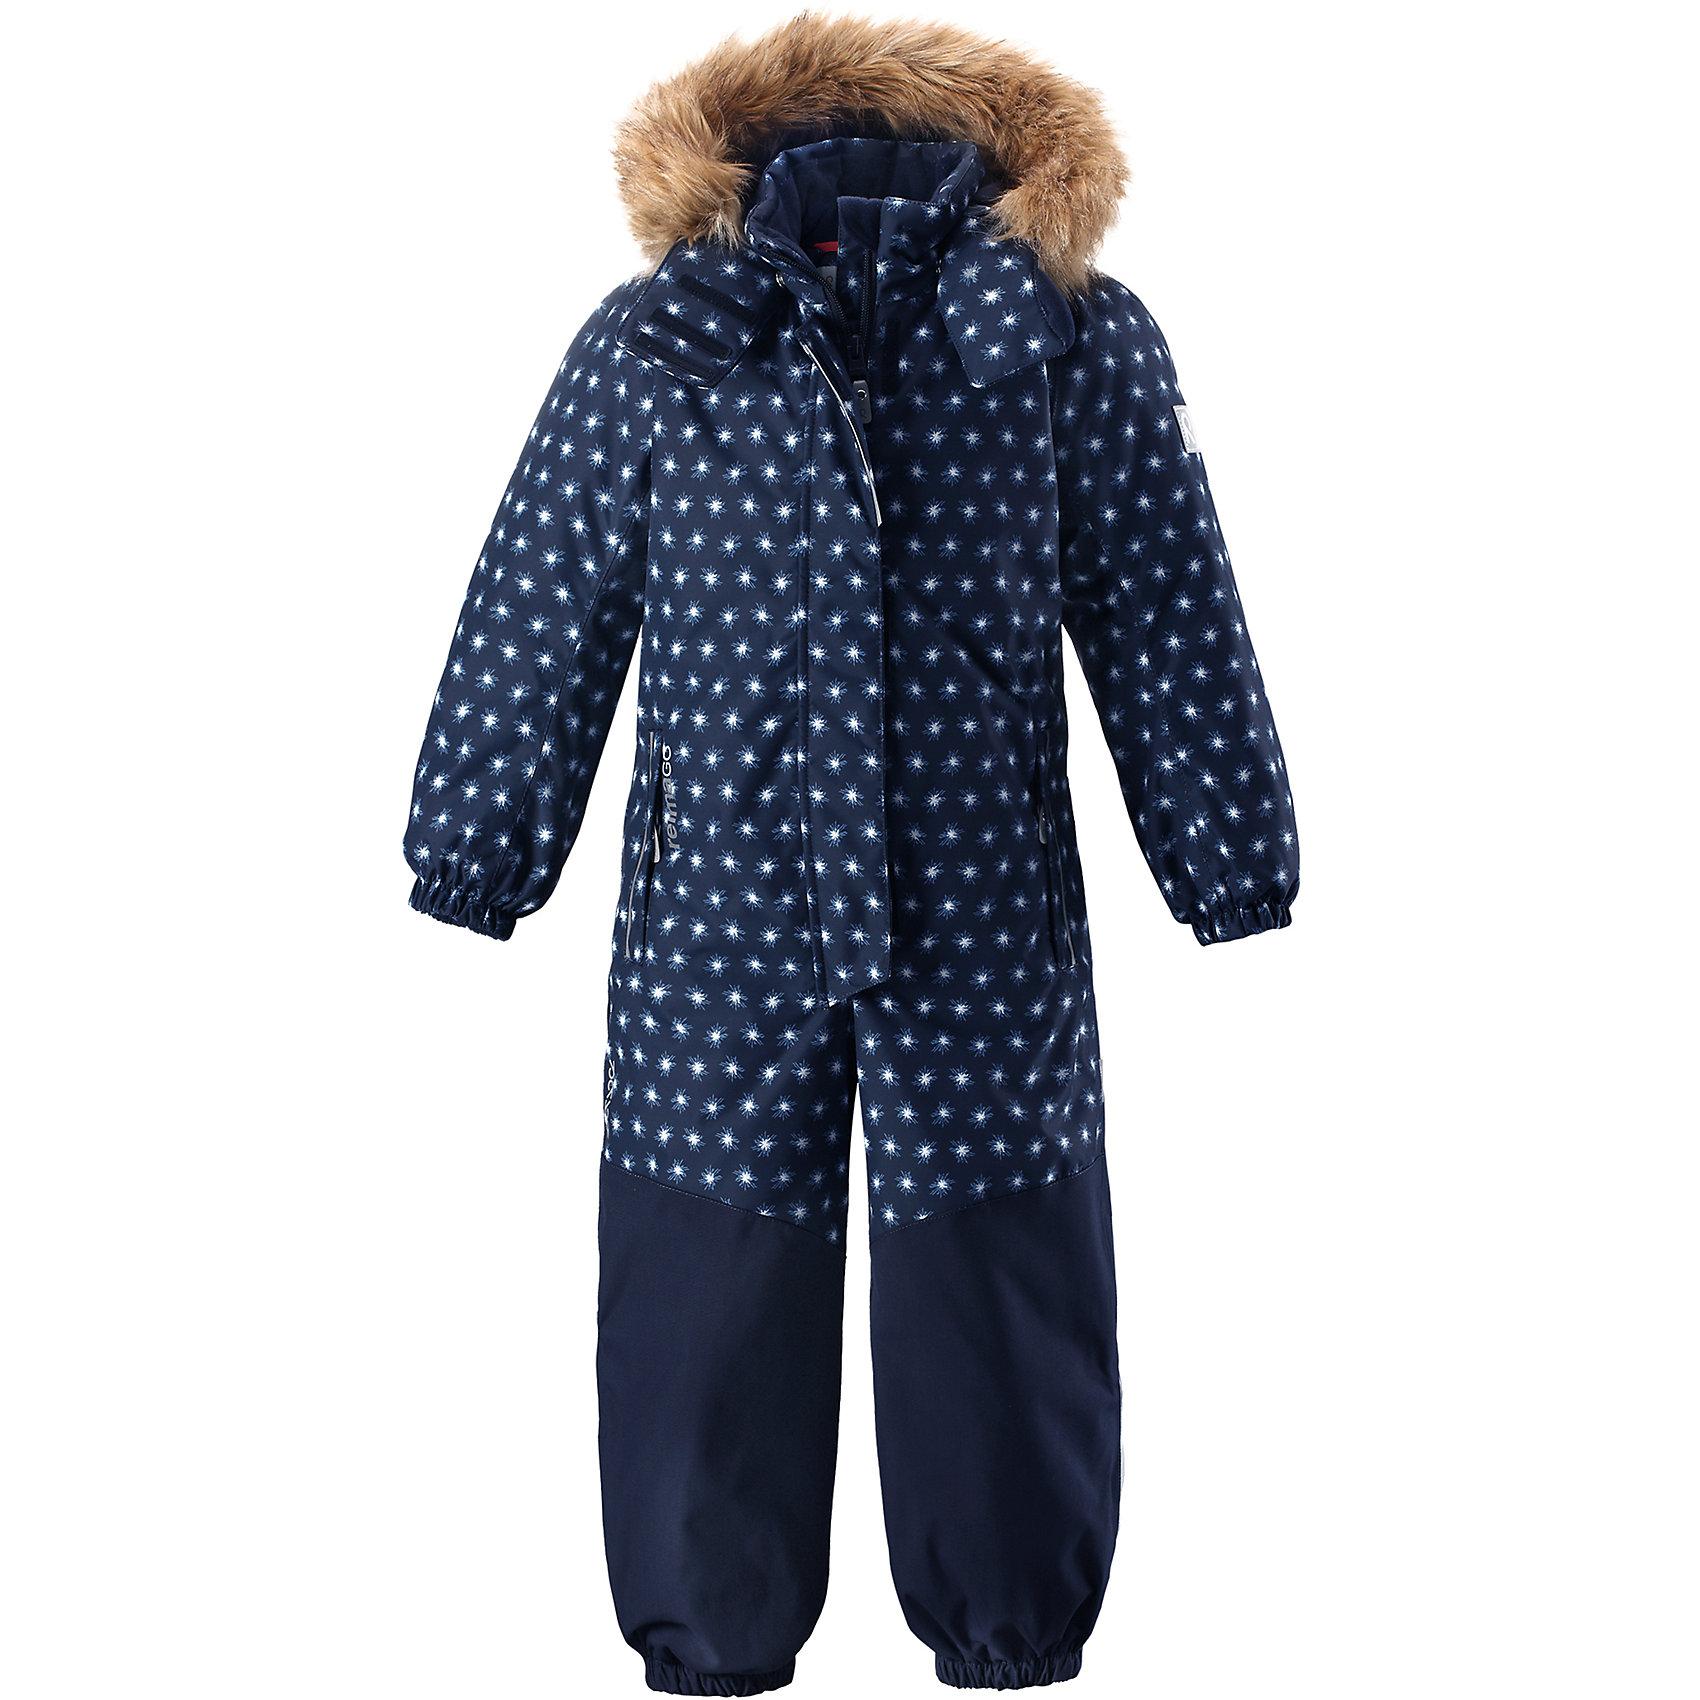 Комбинезон Reimatec® Reima Oulu для девочкиВерхняя одежда<br>Характеристики товара:<br><br>• цвет: синий;<br>• состав: 100% полиэстер;<br>• подкладка: 100% полиэстер;<br>• утеплитель: 160 г/м2<br>• температурный режим: от 0 до -20С;<br>• сезон: зима; <br>• водонепроницаемость: 15000/12000 мм;<br>• воздухопроницаемость: 8000/7000 мм;<br>• износостойкость: 40000/80000 циклов (тест Мартиндейла);<br>• водо- и ветронепроницаемый, дышащий и грязеотталкивающий материал;<br>• прочные усиленные вставки внизу, на коленях и снизу на ногах;<br>• все швы проклеены и водонепроницаемы;<br>• гладкая подкладка из полиэстера;<br>• эластичные манжеты;<br>• застежка: молния с защитой подбородка;<br>• безопасный съемный капюшон на кнопках;<br>• съемный искусственный мех на капюшоне;<br>• регулируемая длина брюк с помощью кнопок;<br>• внутренняя регулировка обхвата талии;<br>• прочные съемные силиконовые штрипки;<br>• два кармана на молнии;<br>• кармана с креплением для сенсора ReimaGO®;<br>• светоотражающие детали;<br>• страна бренда: Финляндия;<br>• страна изготовитель: Китай.<br><br>Непромокаемый и прочный детский зимний комбинезон Reimatec® с полностью проклеенными швами. Суперпрочные усиления на задней части, коленях и концах брючин. Этот практичный комбинезон изготовлен из ветронепроницаемого и дышащего материала. Комбинезон снабжен гладкой подкладкой из полиэстера. <br><br>В этом комбинезоне талия легко регулируется, что позволяет подогнать комбинезон точно по фигуре. А еще он снабжен эластичными манжетами на рукавах и концах брючин, которые регулируются застежкой на кнопках. Внутри комбинезона имеются удобные подтяжки, благодаря которым дети могут снять верхнюю часть. Подтяжки поддерживают верхнюю часть на бедрах, обеспечивая комфорт при входе в помещение и не позволяя комбинезону тащится по полу. <br><br>Съемный капюшон защищает от пронизывающего ветра, а еще он безопасен во время игр на свежем воздухе. Снабжен мягкой съемной оторочкой из искусственного меха. Кнопки легко отстег